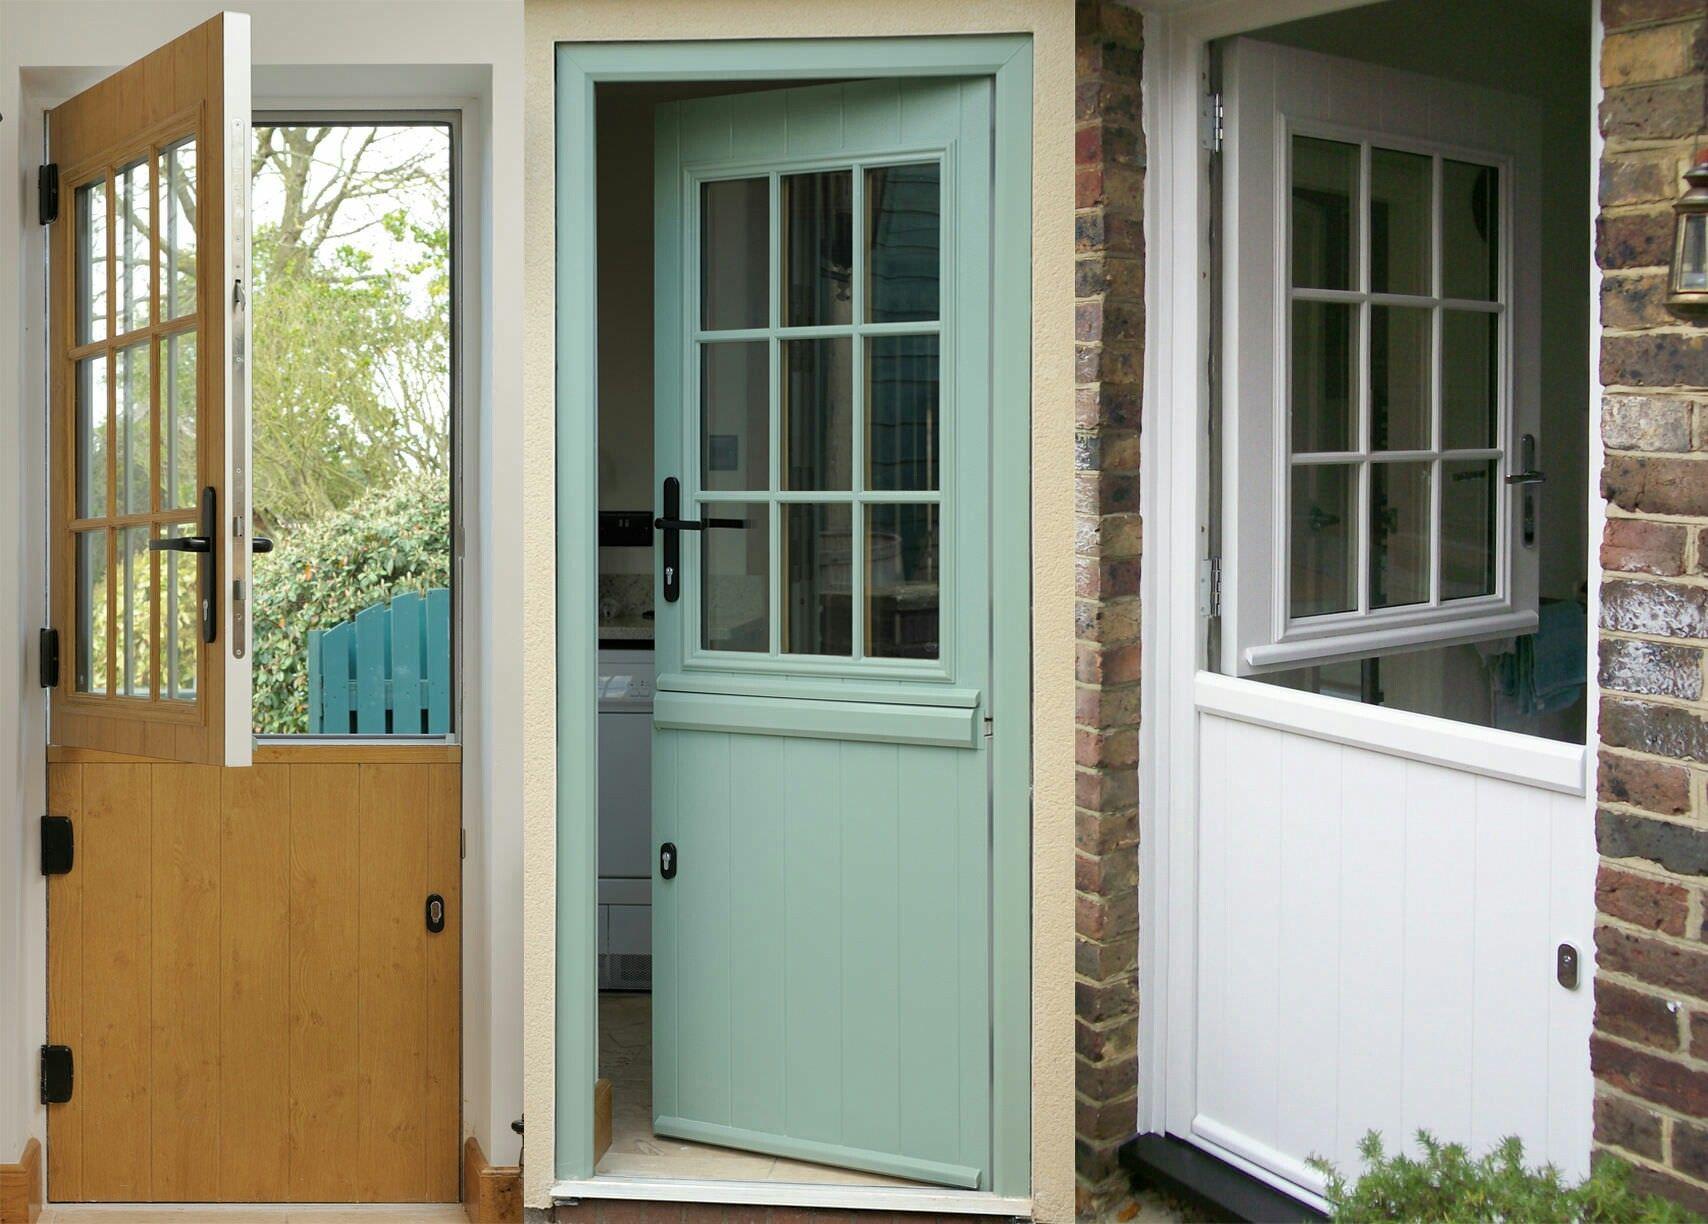 Upvc stable door house improvement pinterest upvc stable upvc stable door rubansaba